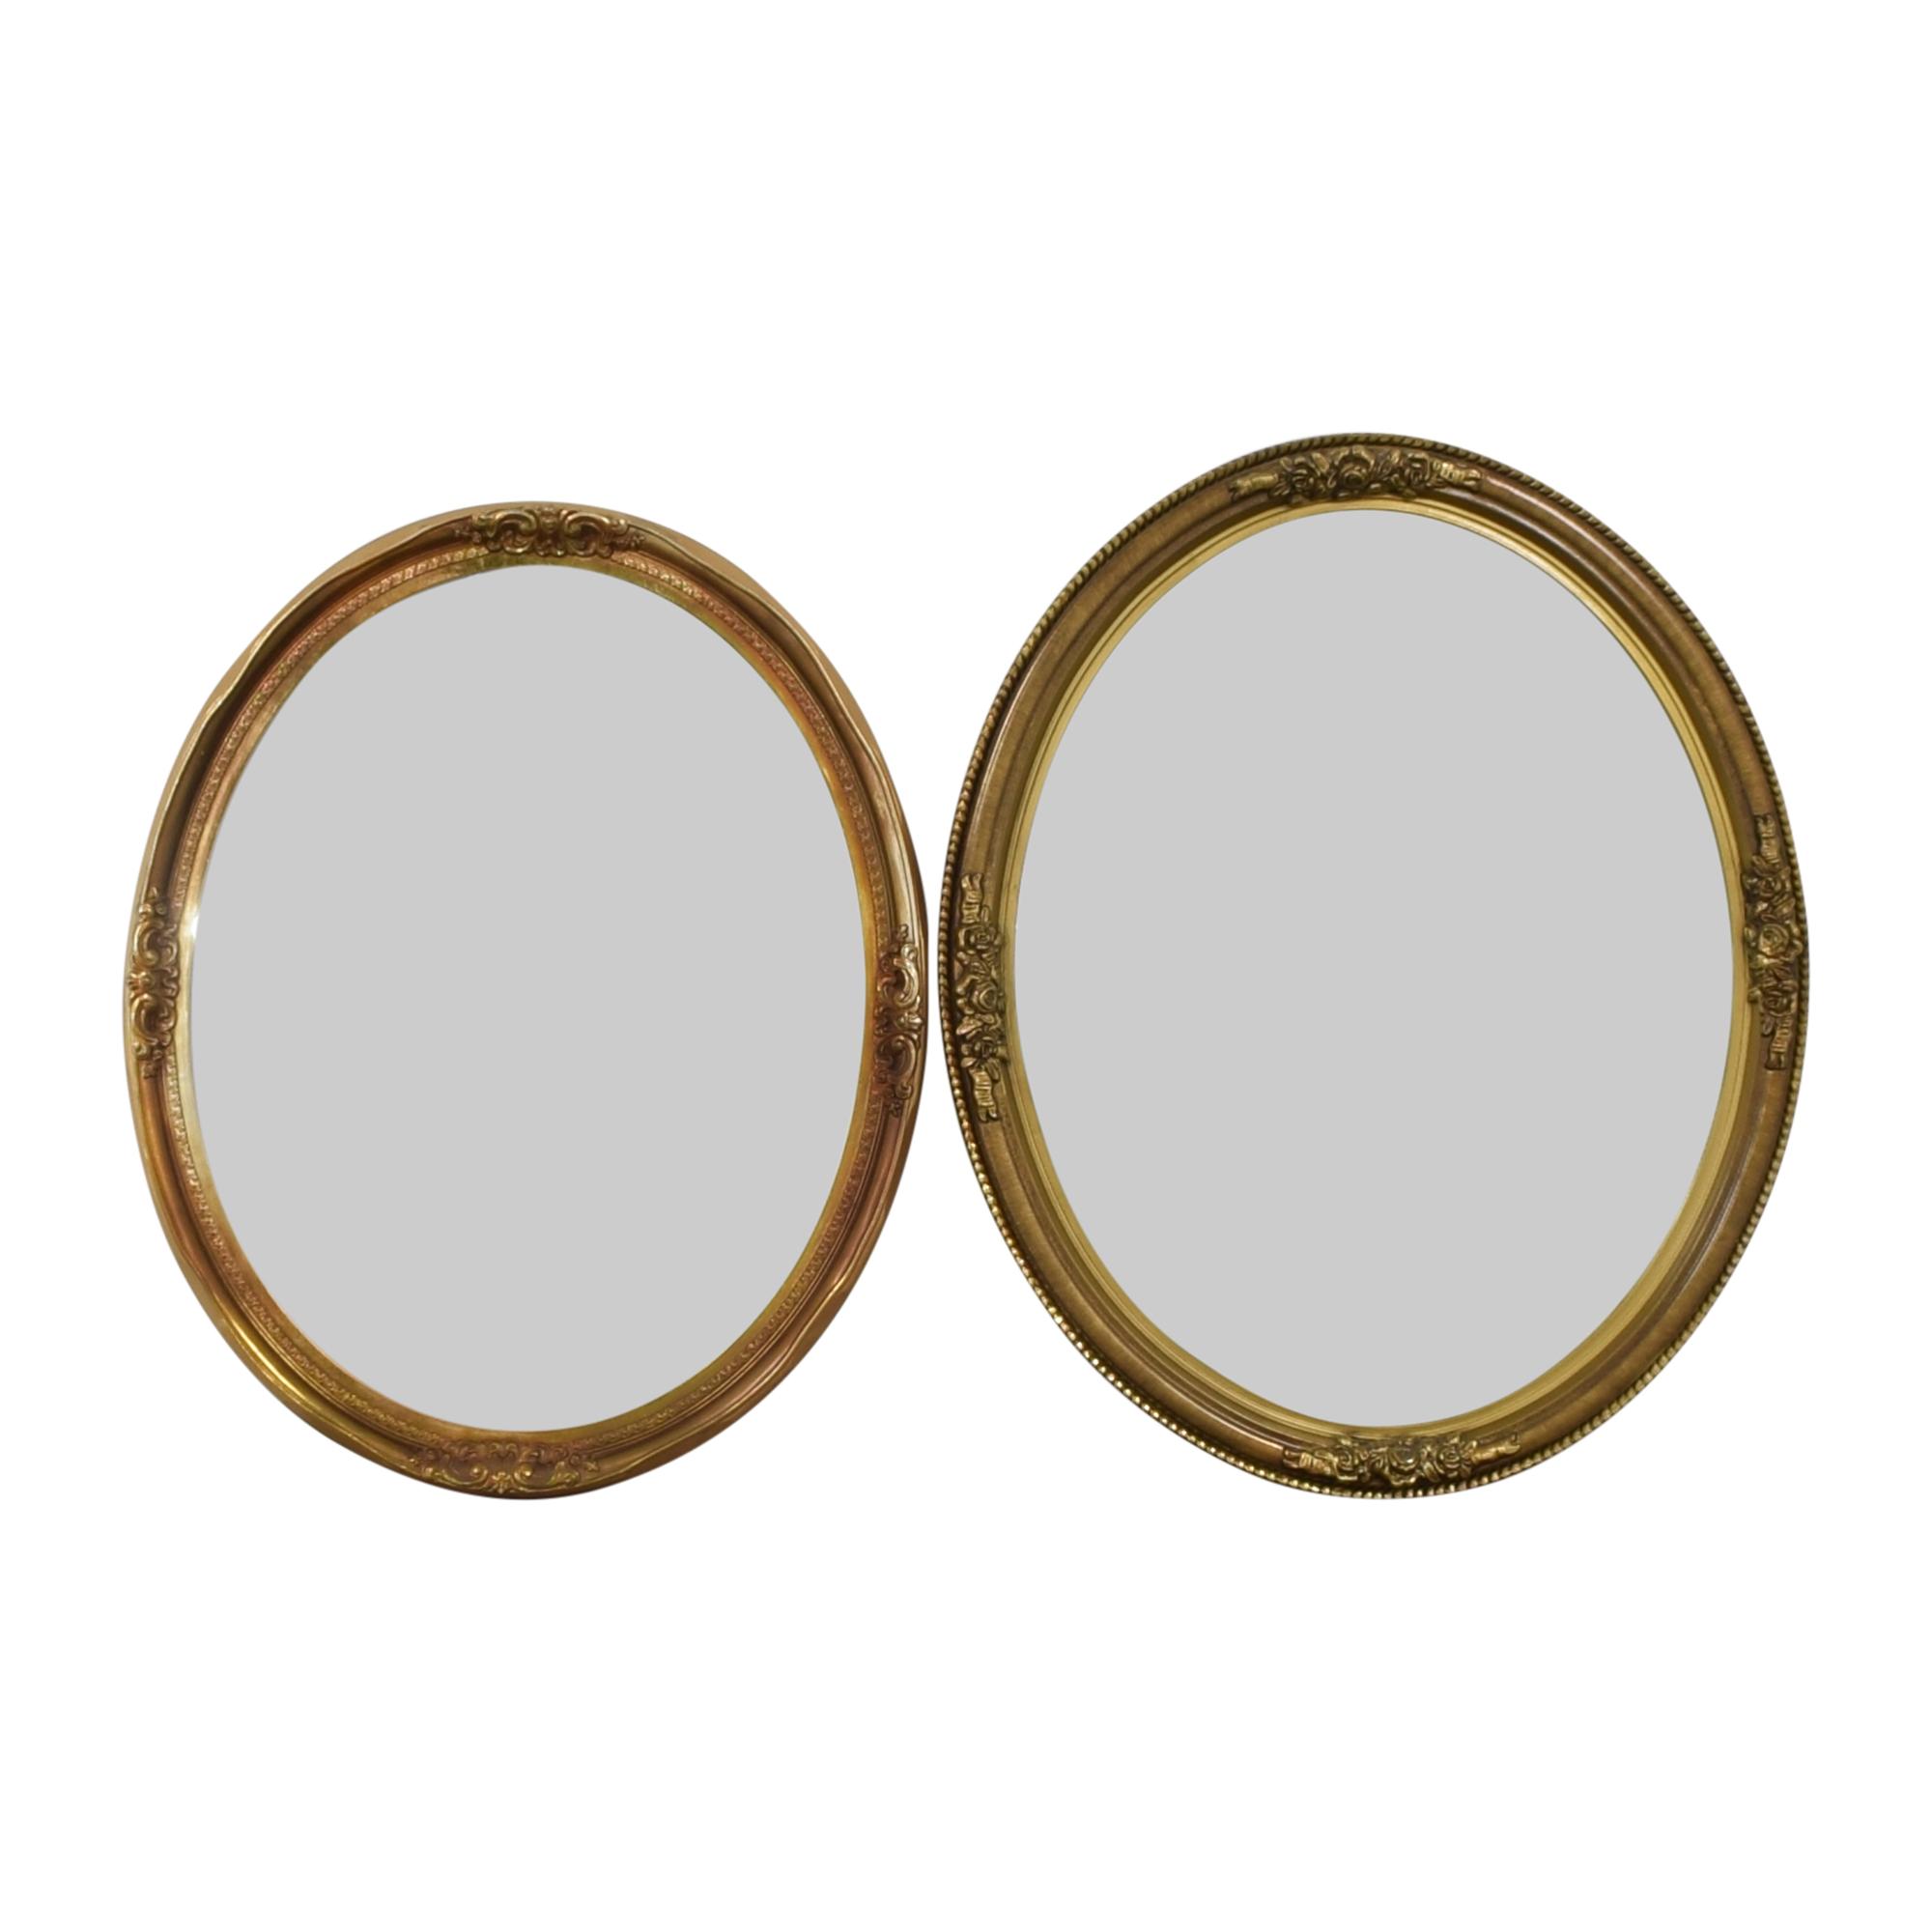 buy Carolina Mirror Company Vintage Oval Mirrors Carolina Mirror